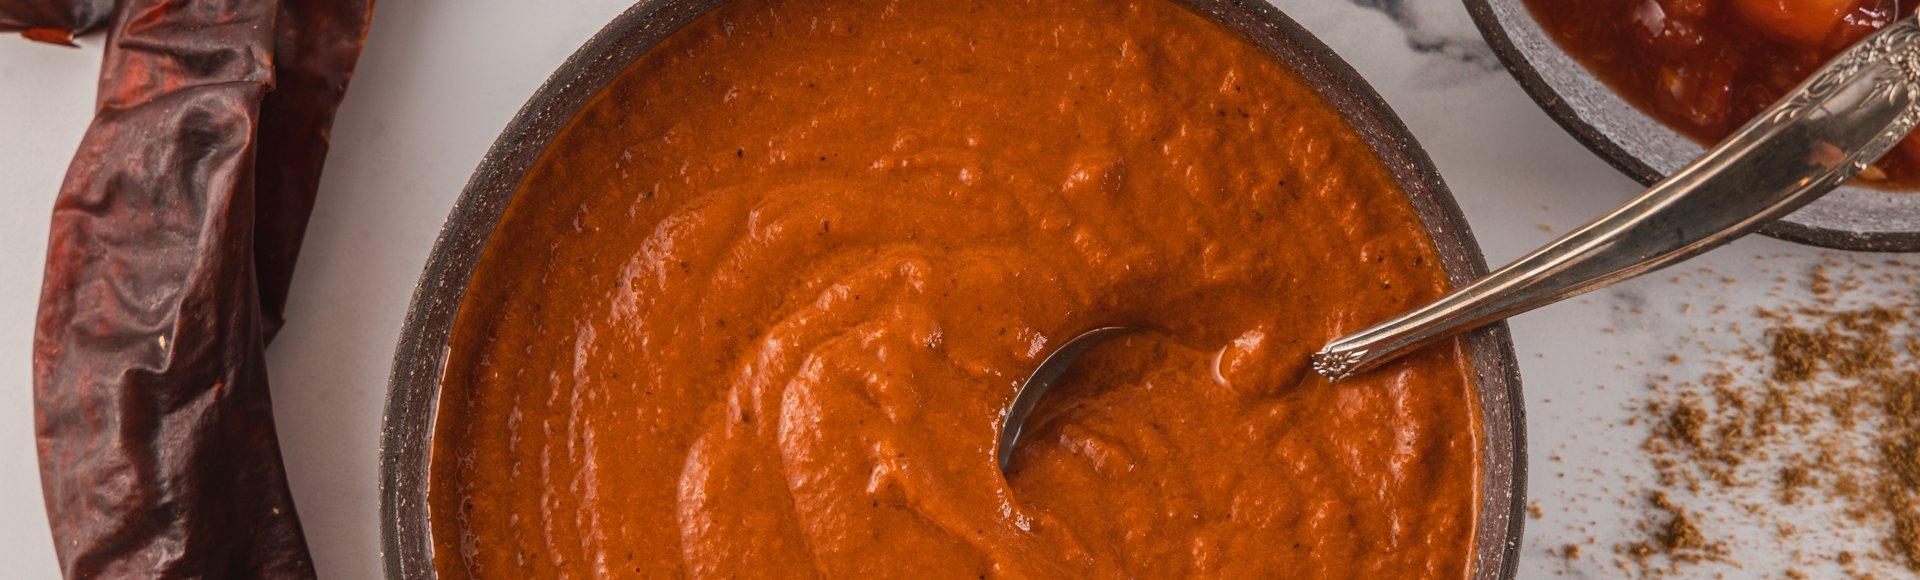 Καυτερή σάλτσα με κύμινο